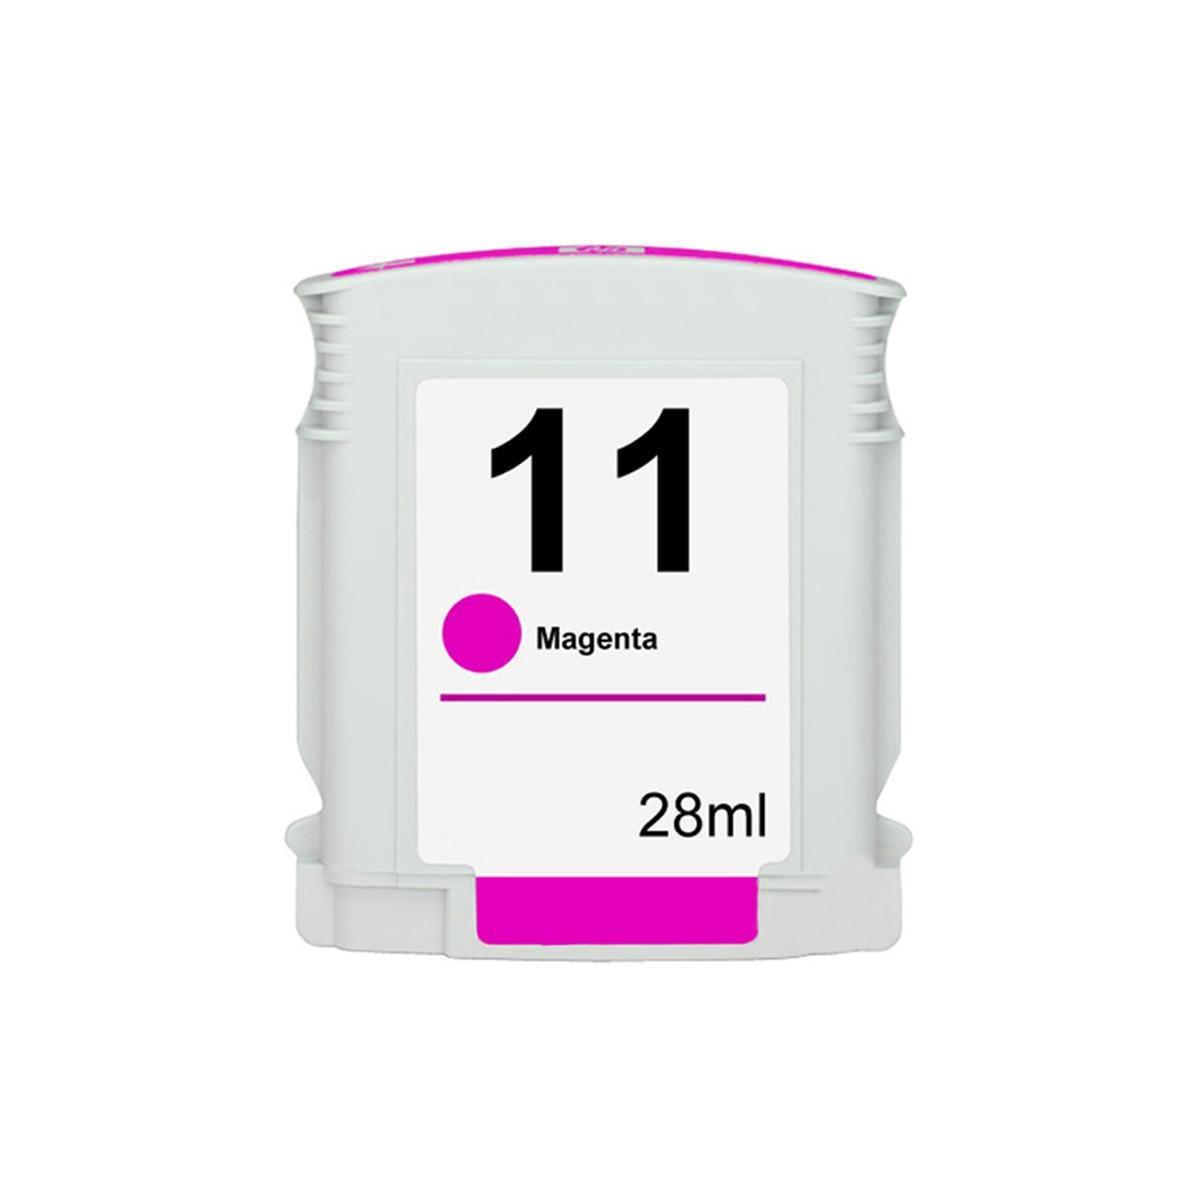 Cartucho de Tinta Compatível com HP 11 C4837A Magenta   1000 2200 2300 2800 2600 3000 9120   28ml